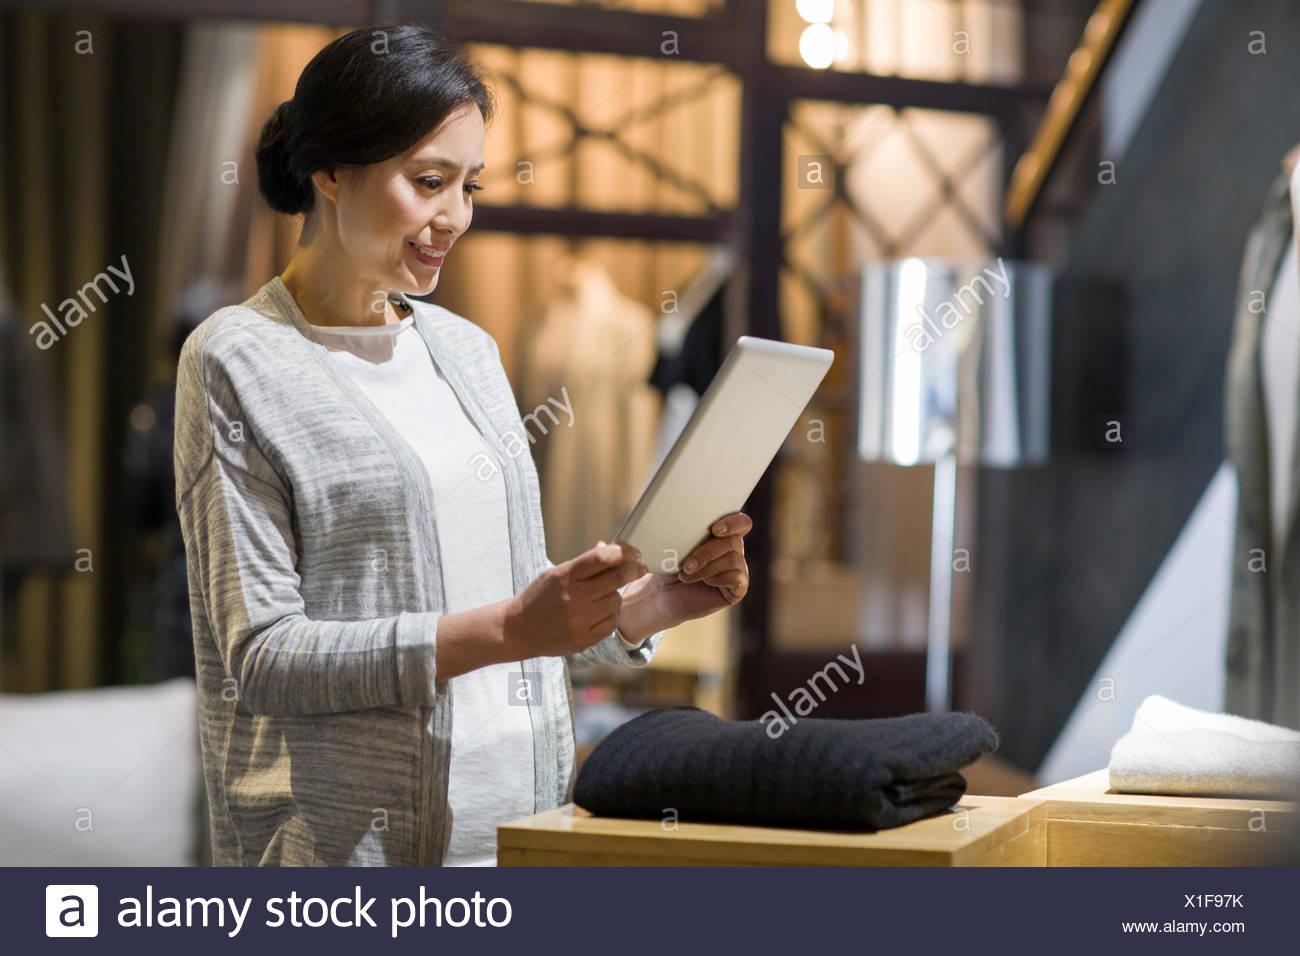 El propietario de una tienda de ropa con la tableta digital Imagen De Stock